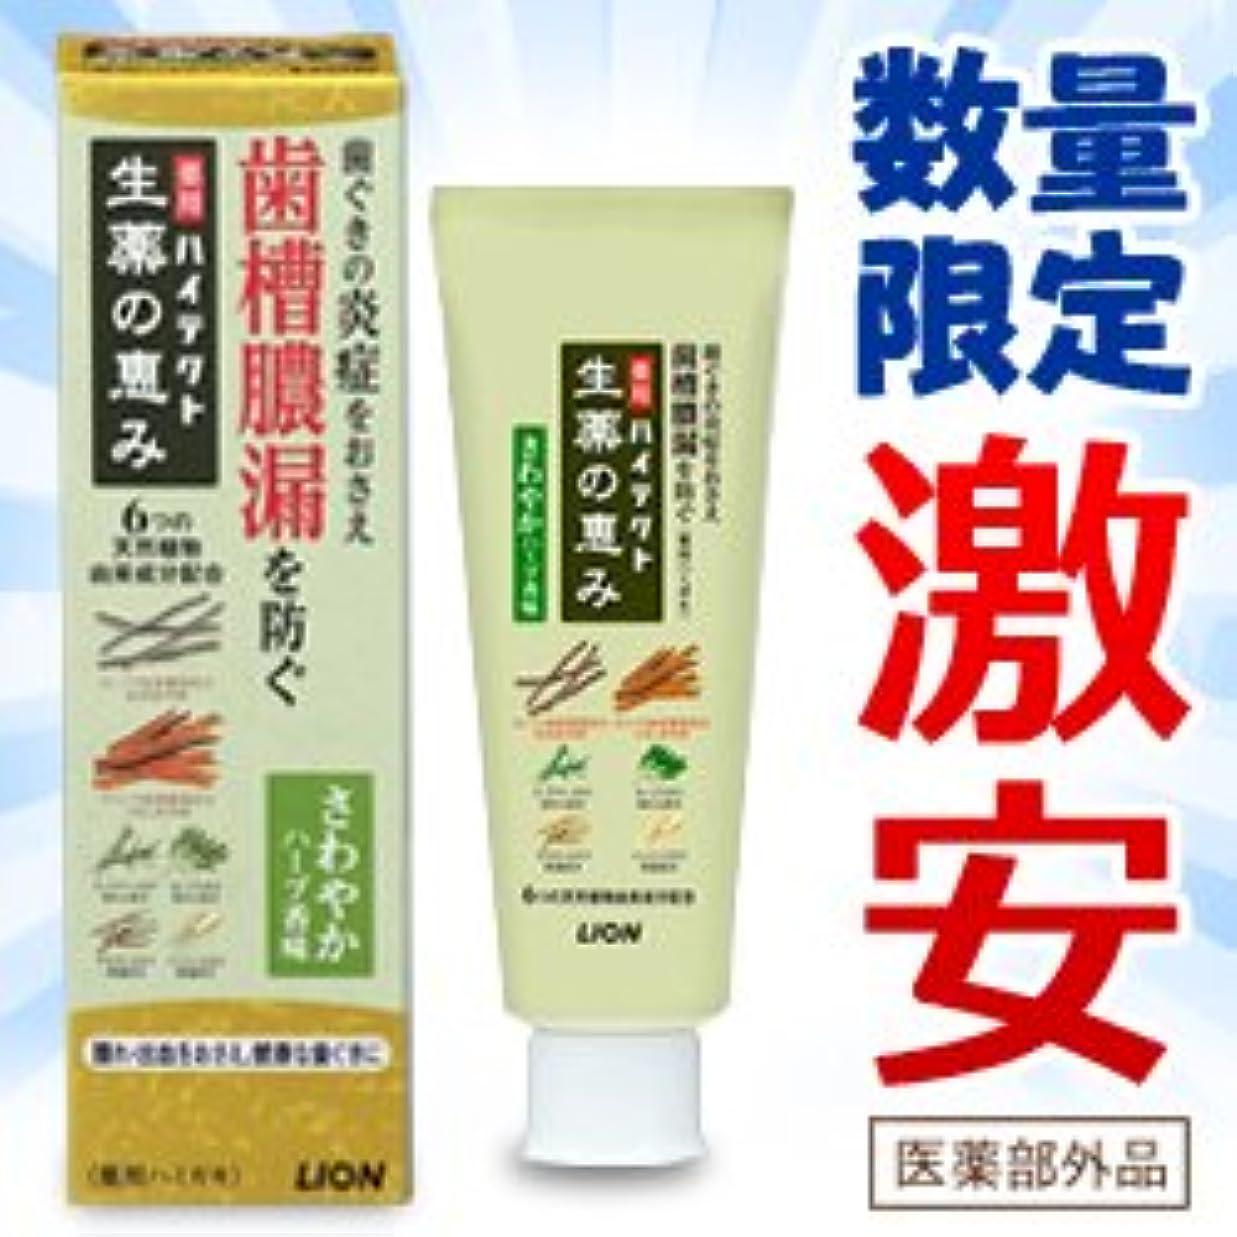 バスルームプリーツサドル【ライオン】ハイテクト 生薬の恵み さわやかハーブ香味90g×5個セット